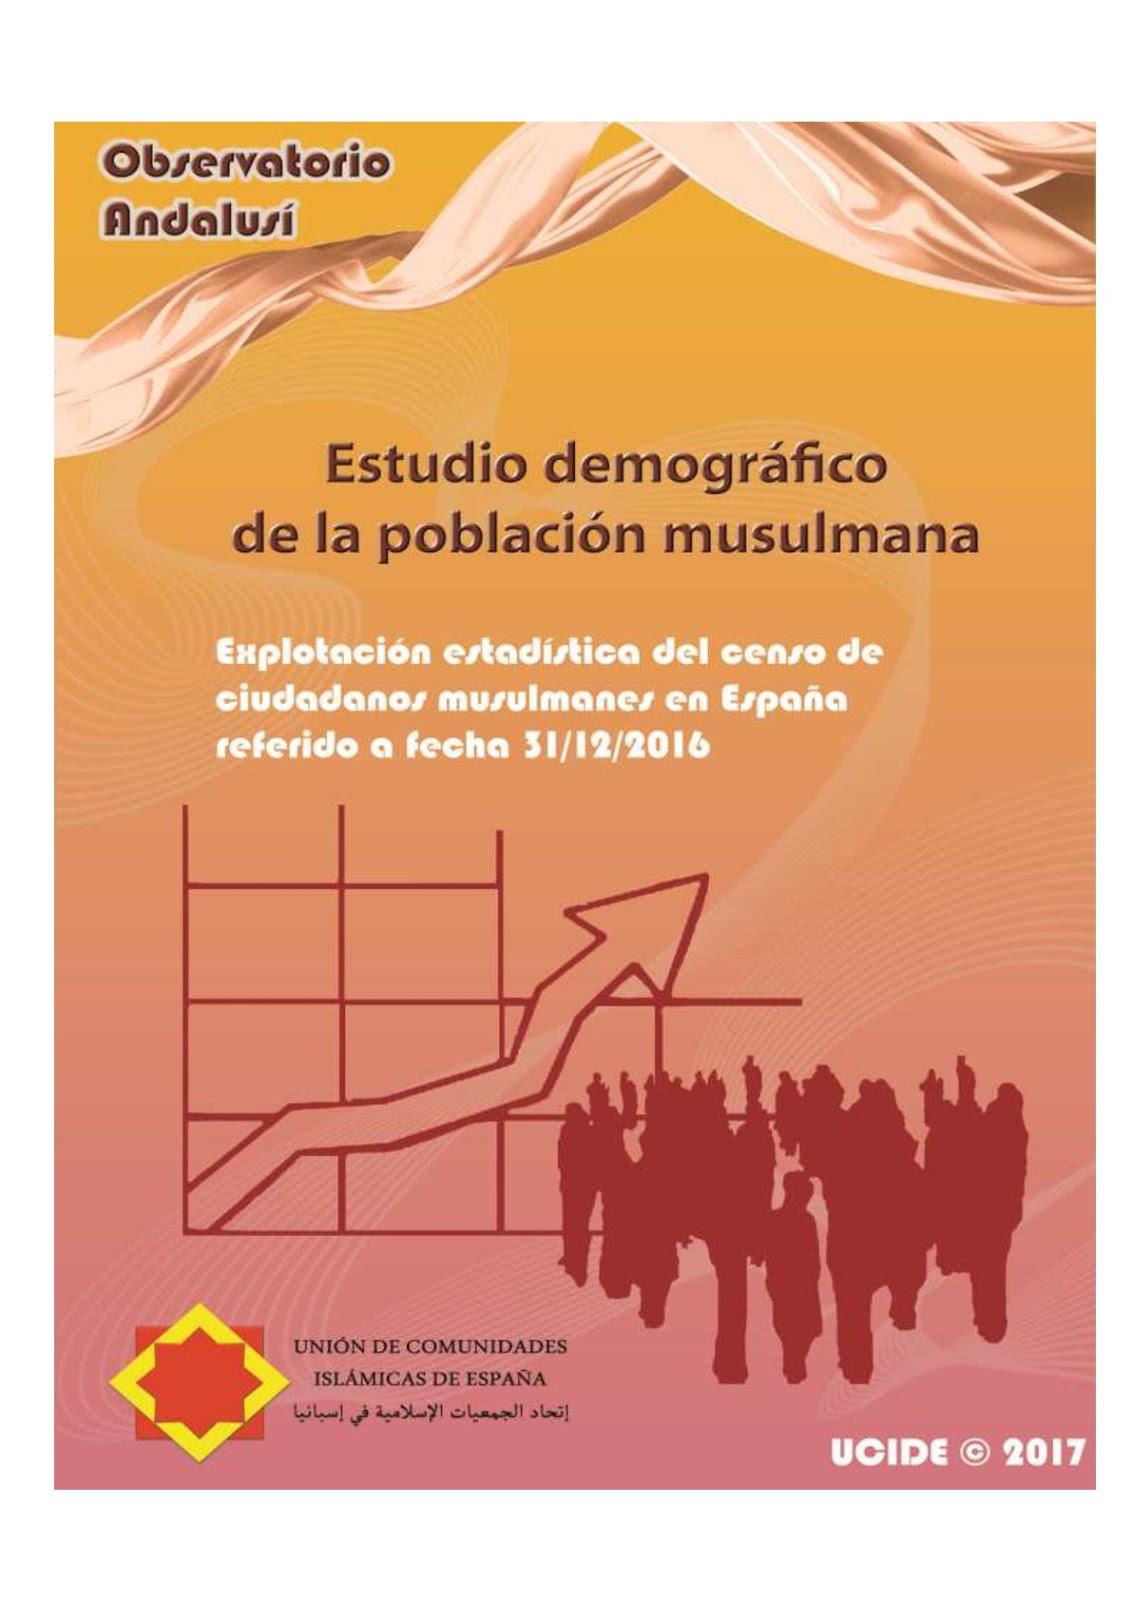 Estudio demográfico de la Población Musulmana en España 2016